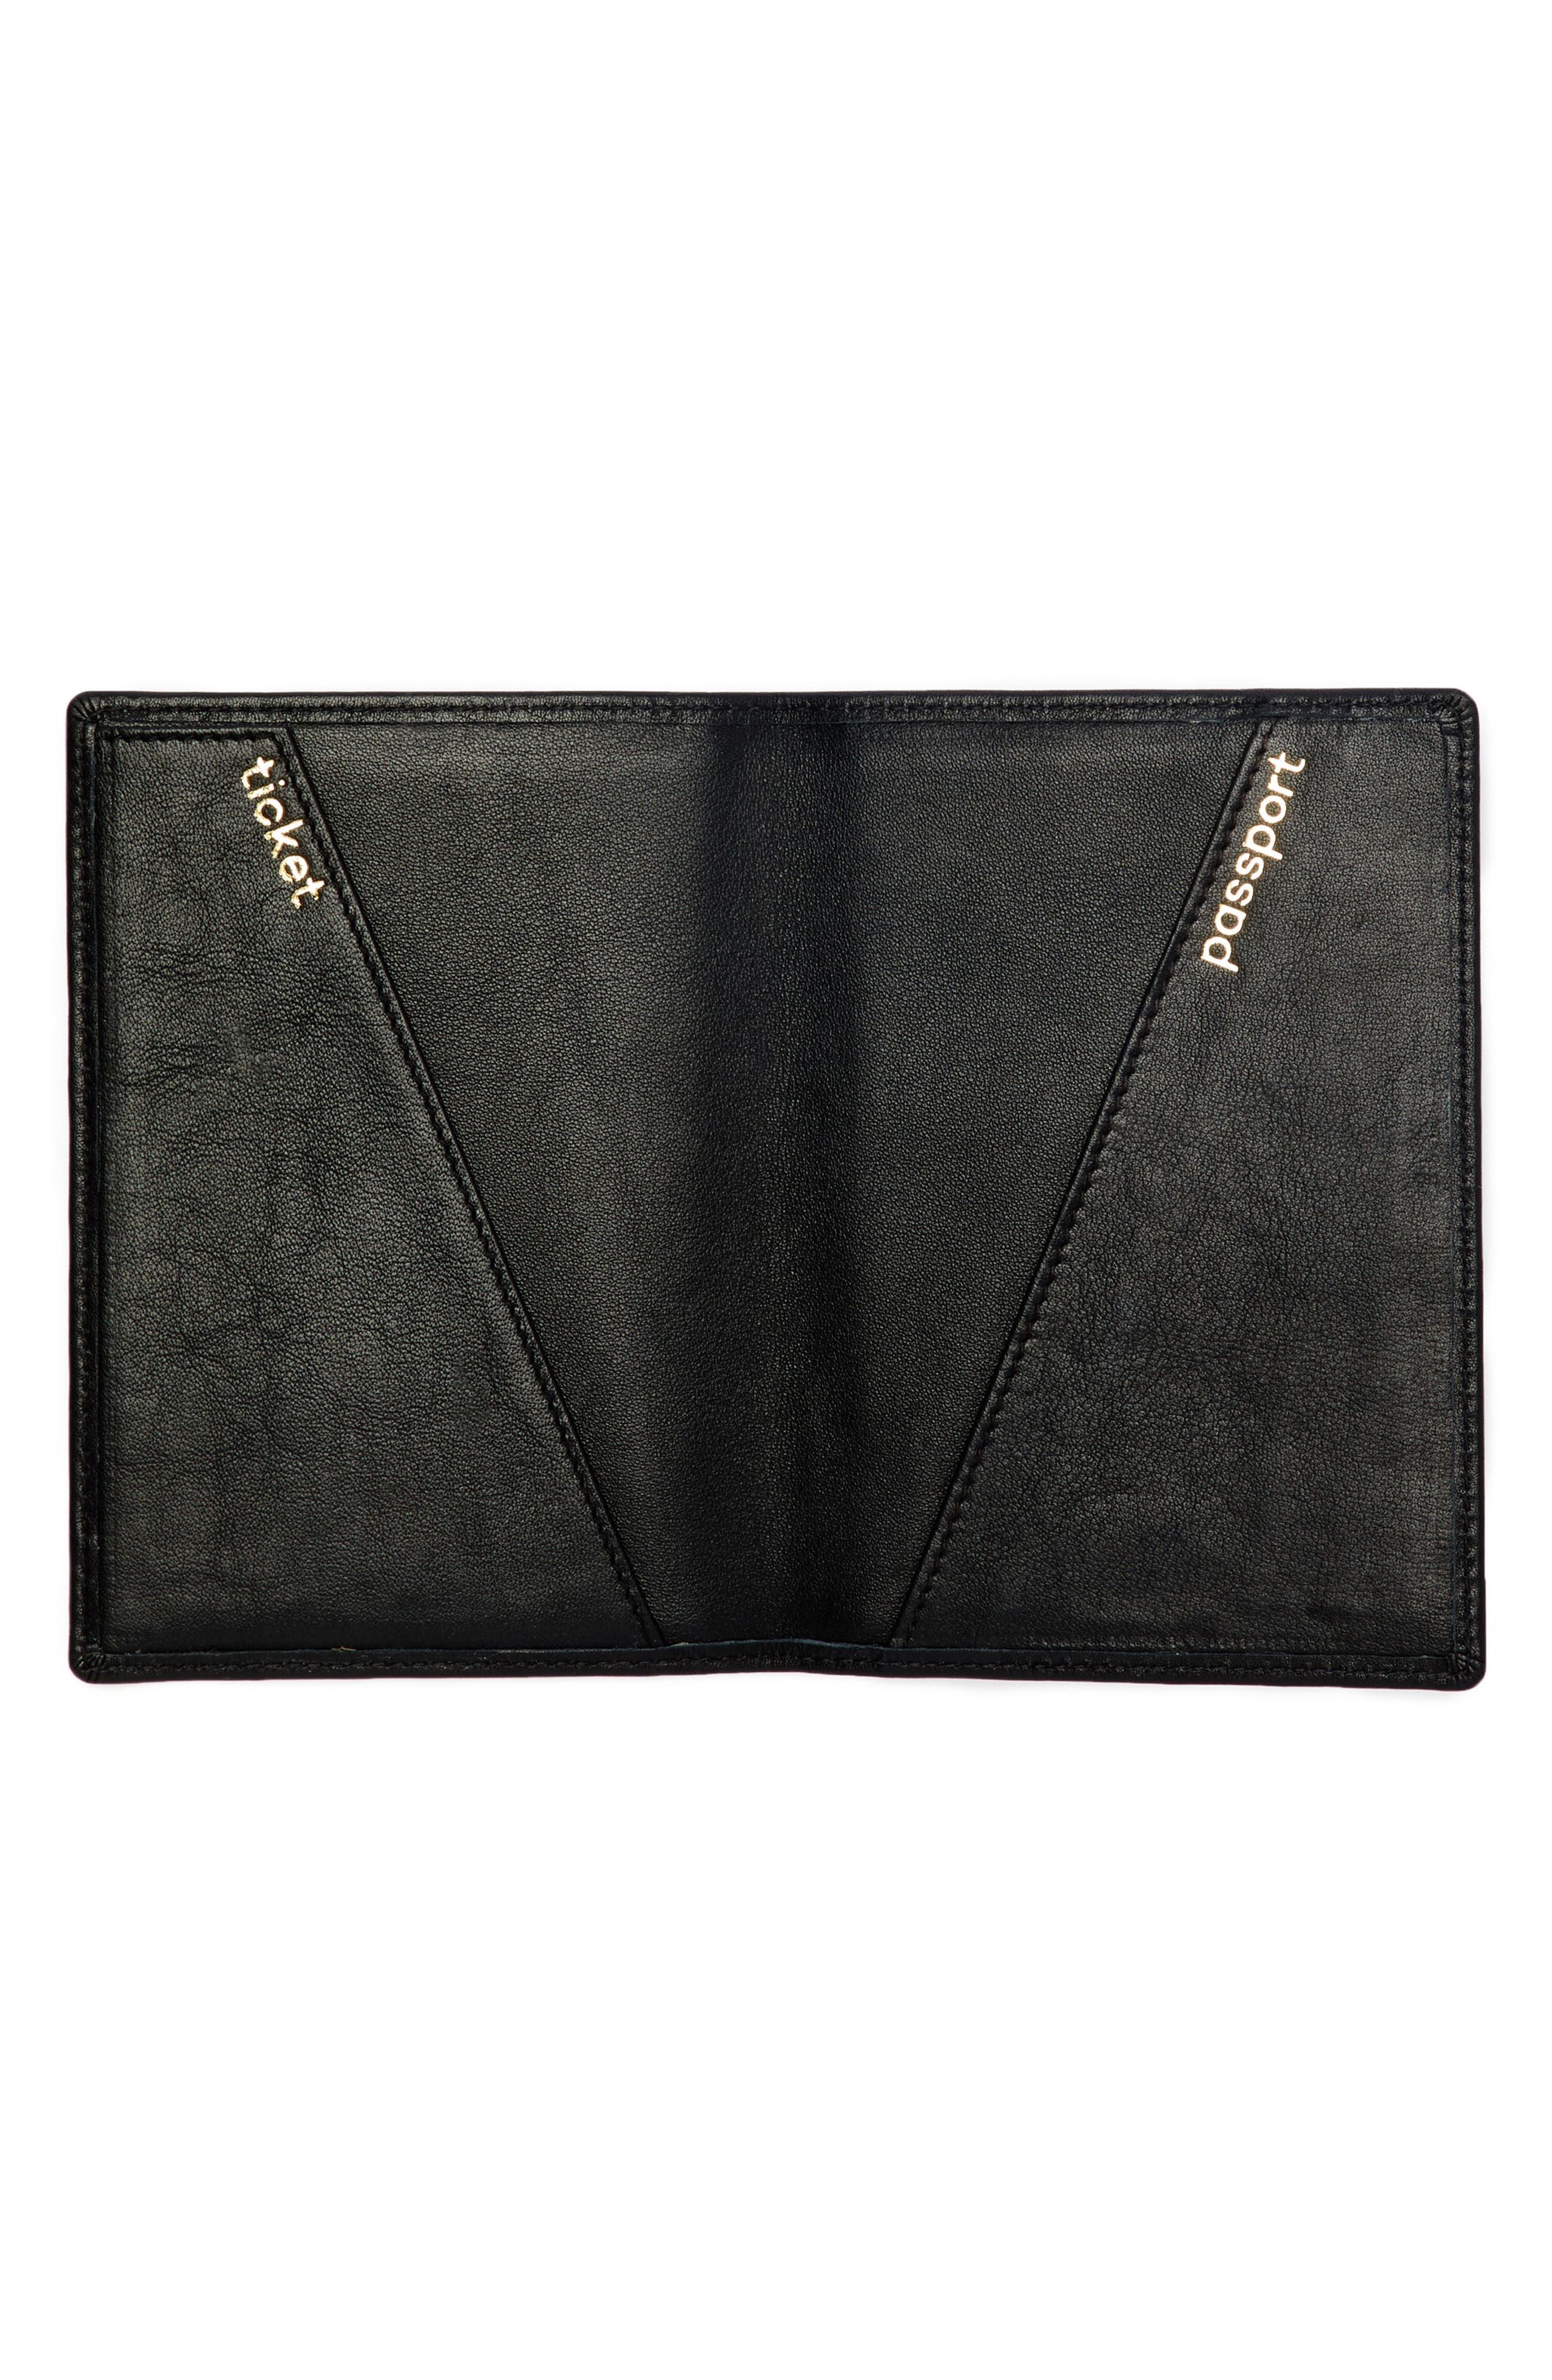 Personalized Leather Passport Case,                             Alternate thumbnail 2, color,                             Noir